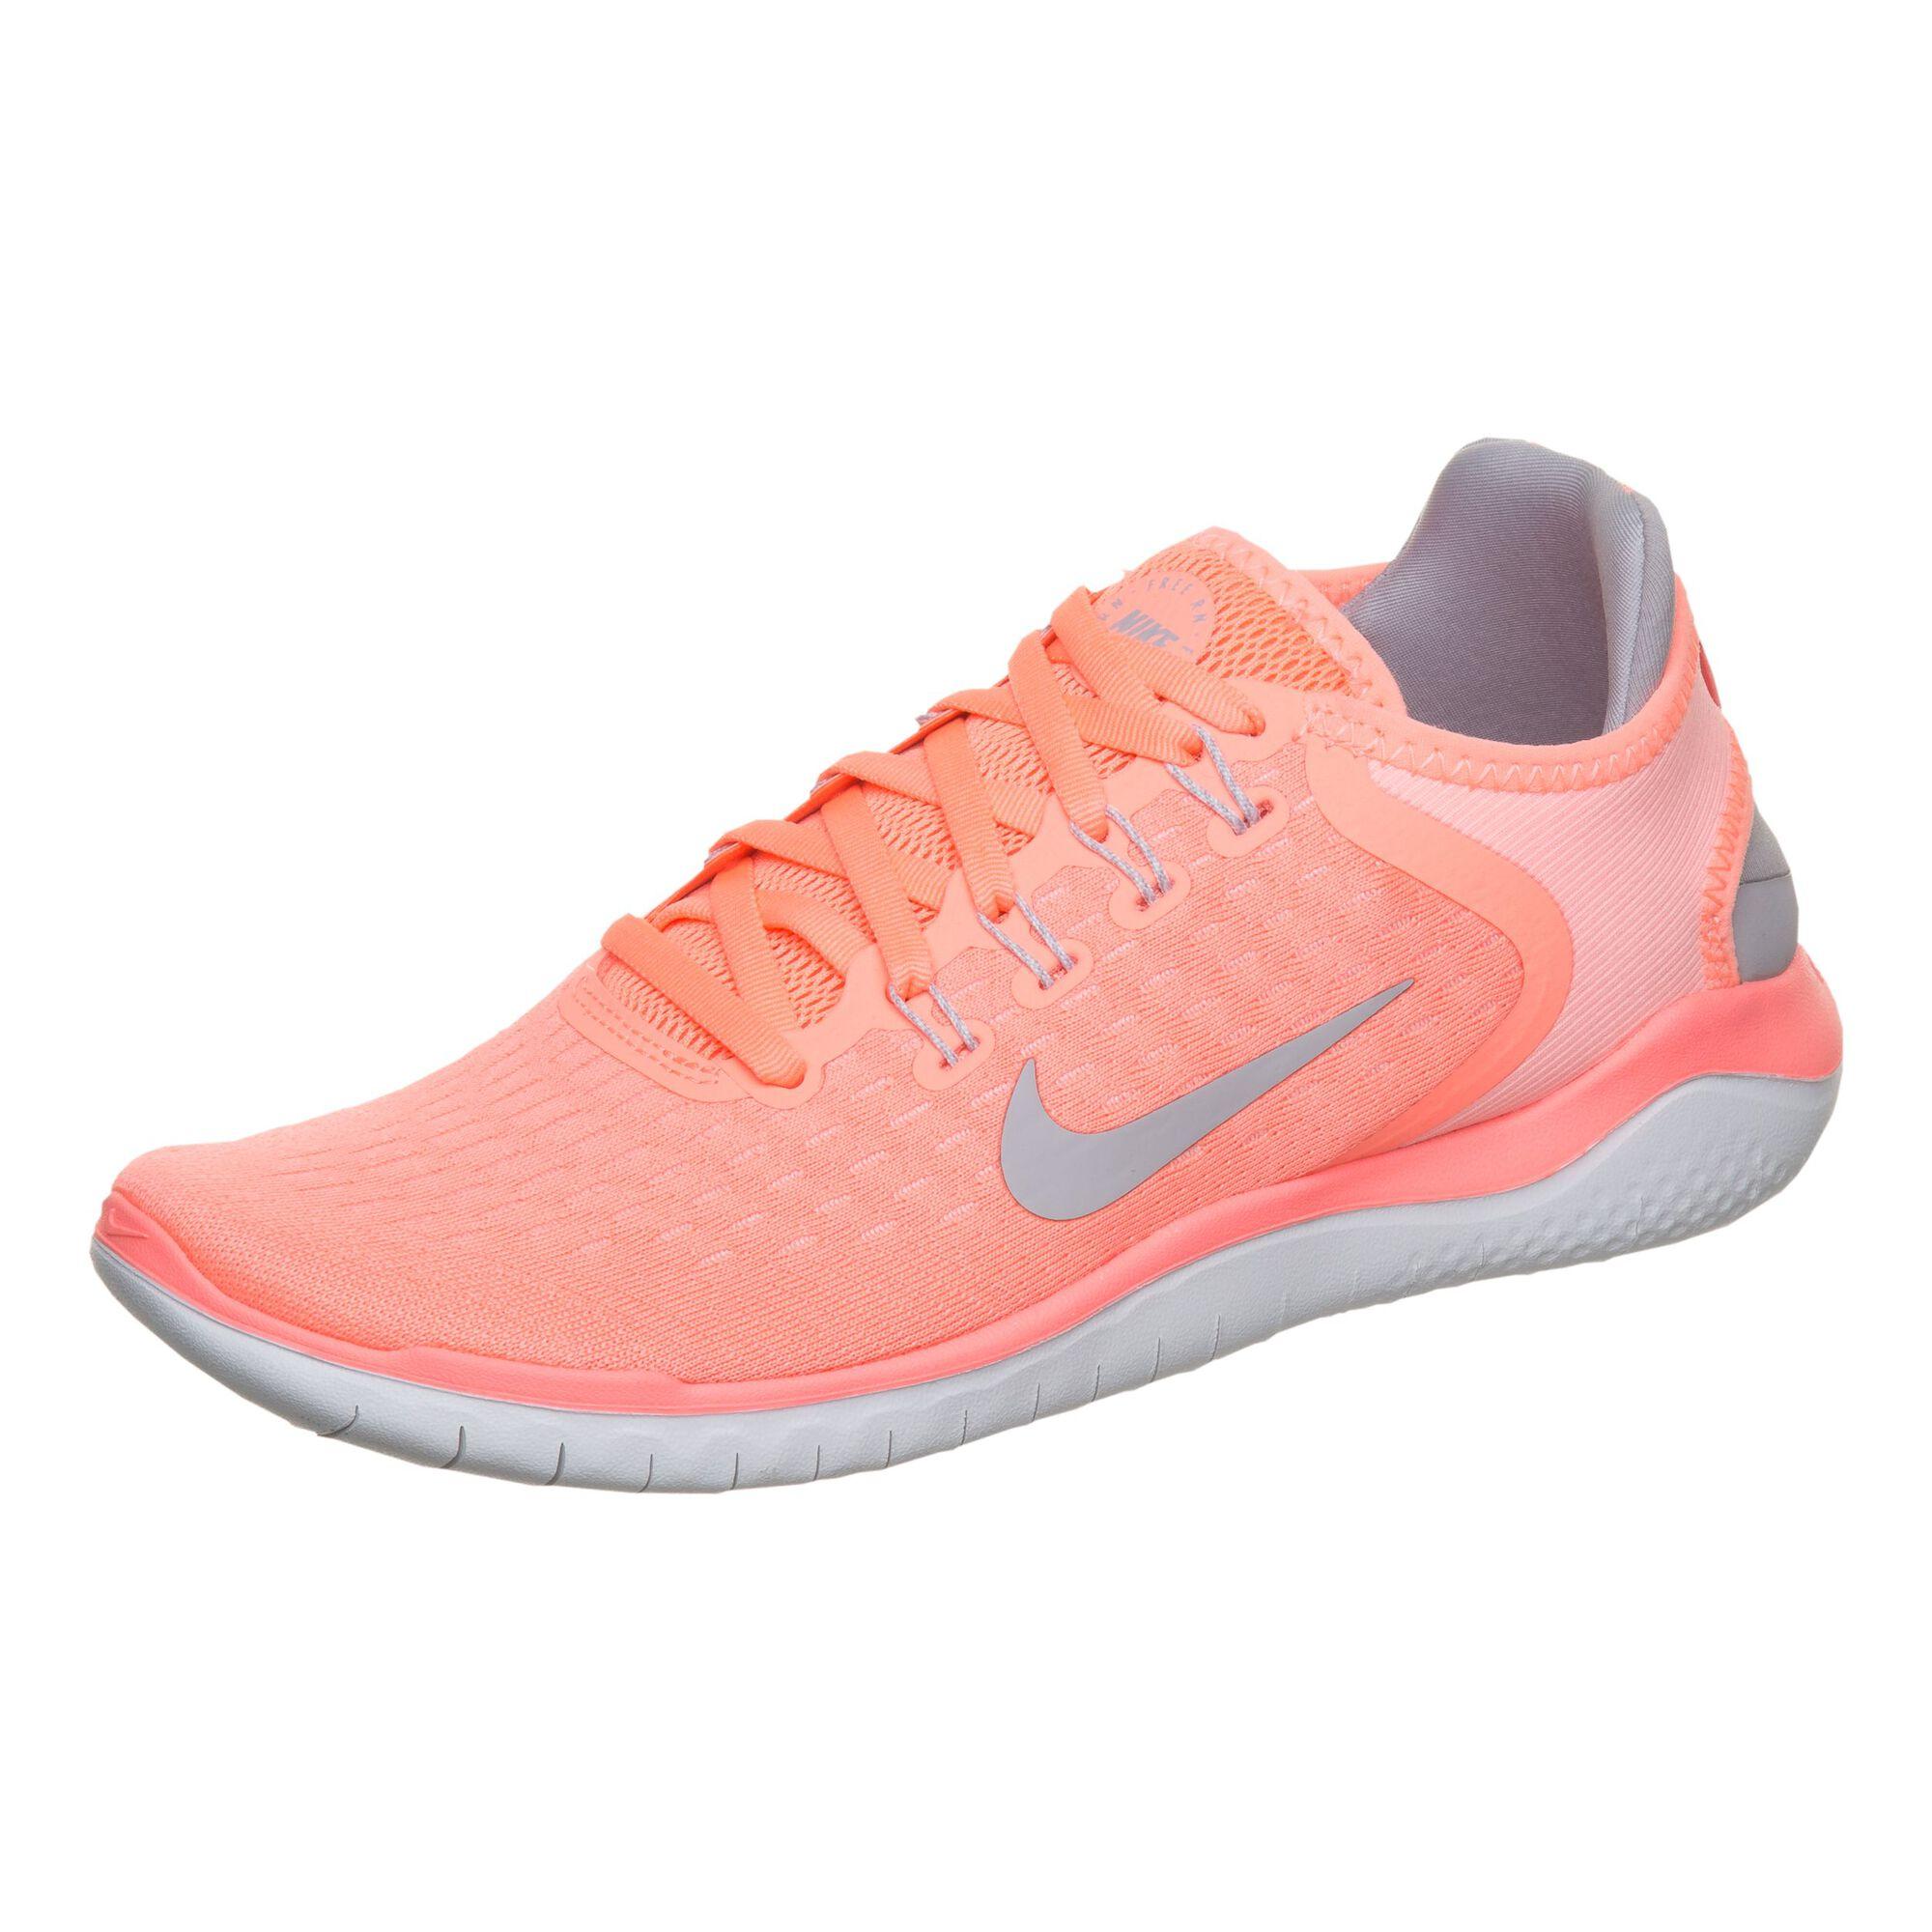 54c3cb82d644 Nike  Nike  Nike  Nike  Nike  Nike  Nike  Nike  Nike  Nike. Free Run 2018  ...